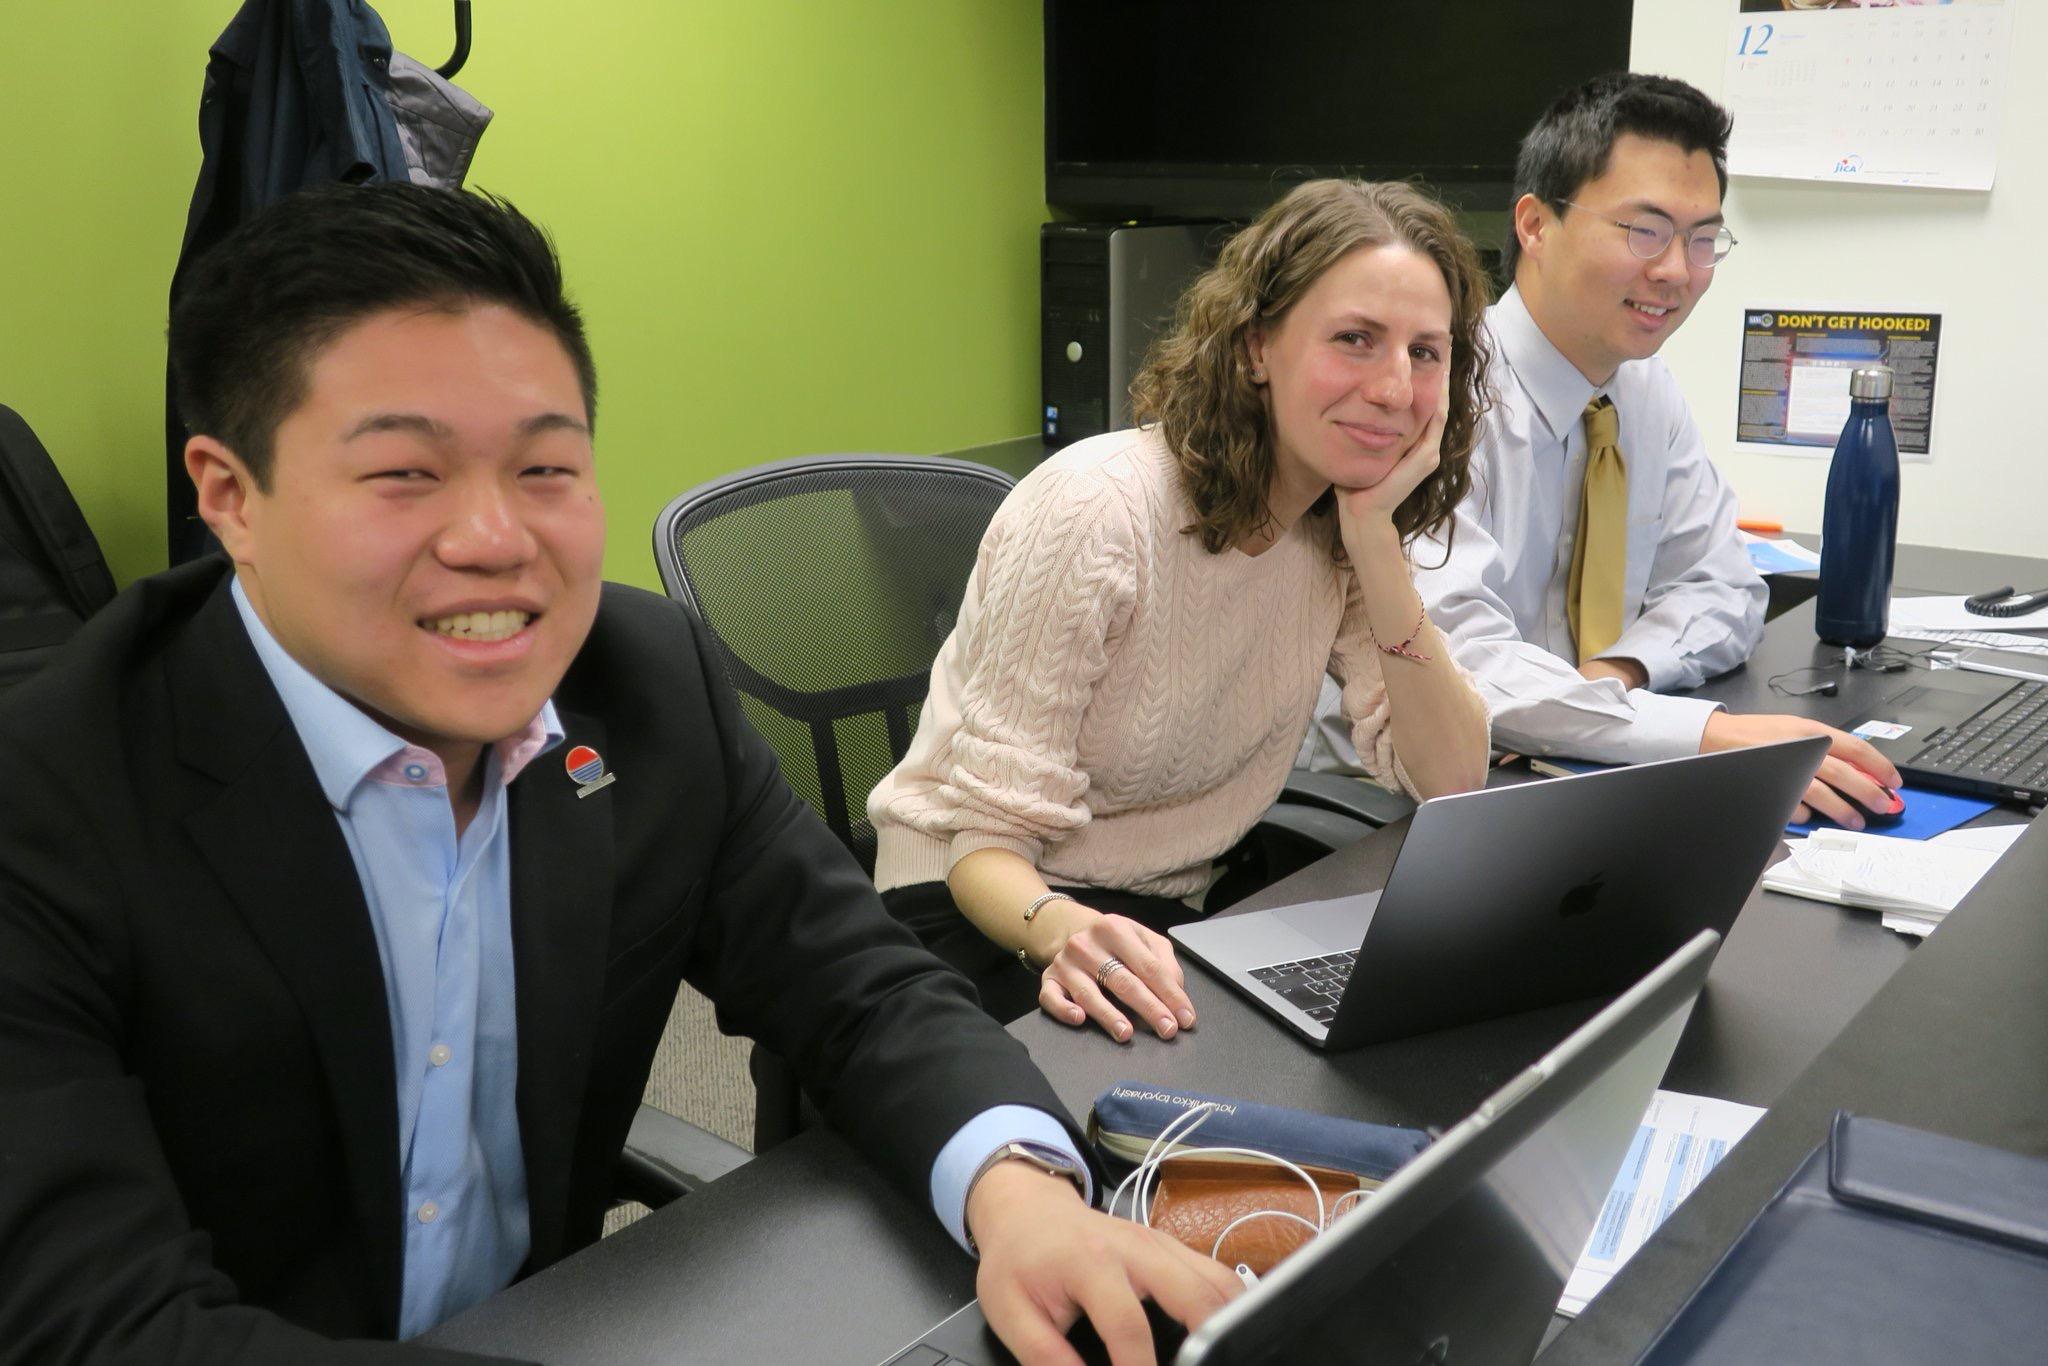 【海外インターン】学部生がワシントンDCで長期インターンシップ!?